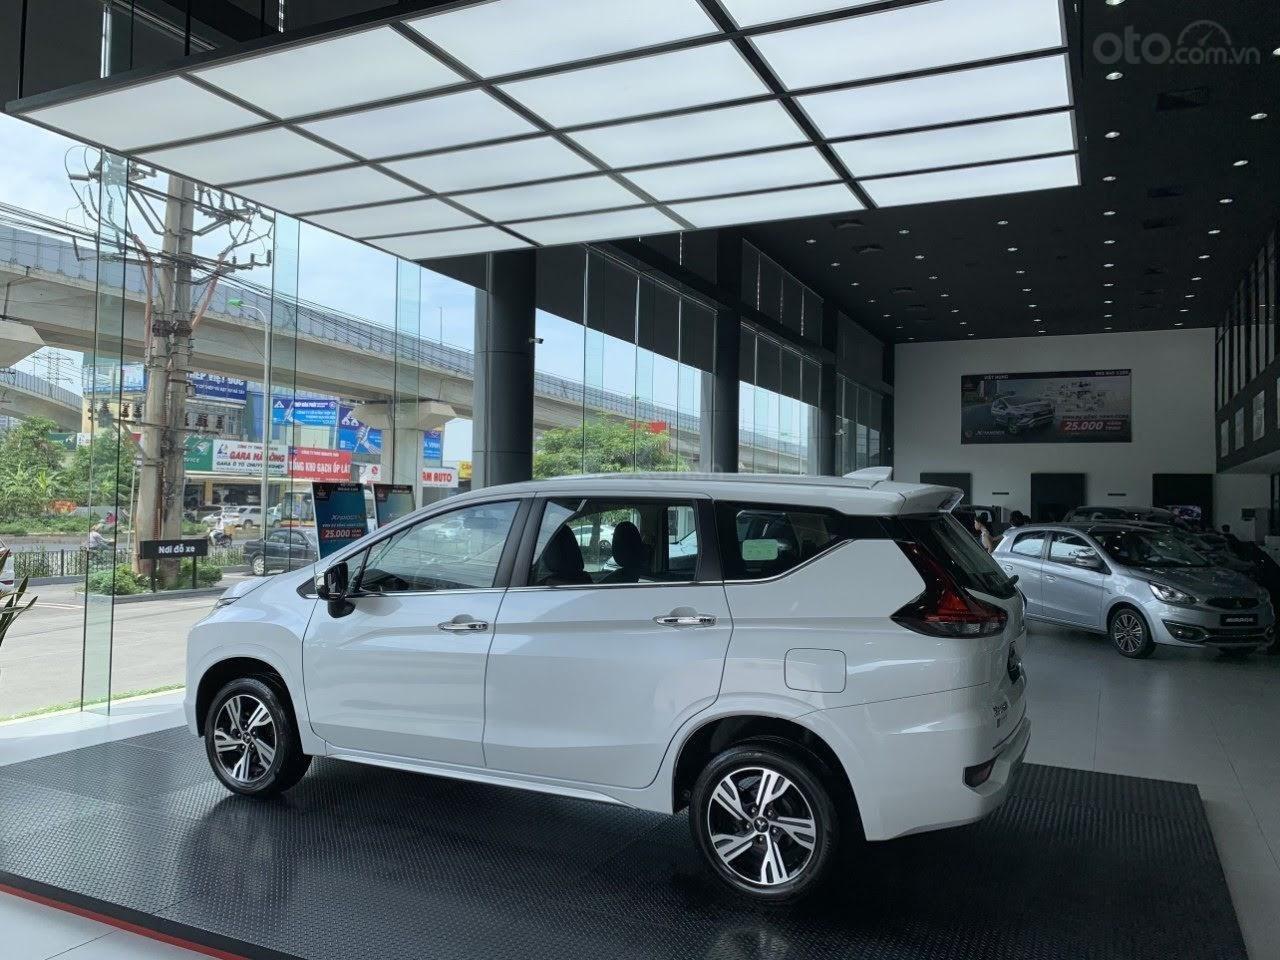 (Hot) Mitsubishi Bắc Ninh - new Xpander tặng 50% thuế + giảm tiền mặt, giá tốt nhất, đủ màu giao ngay (9)